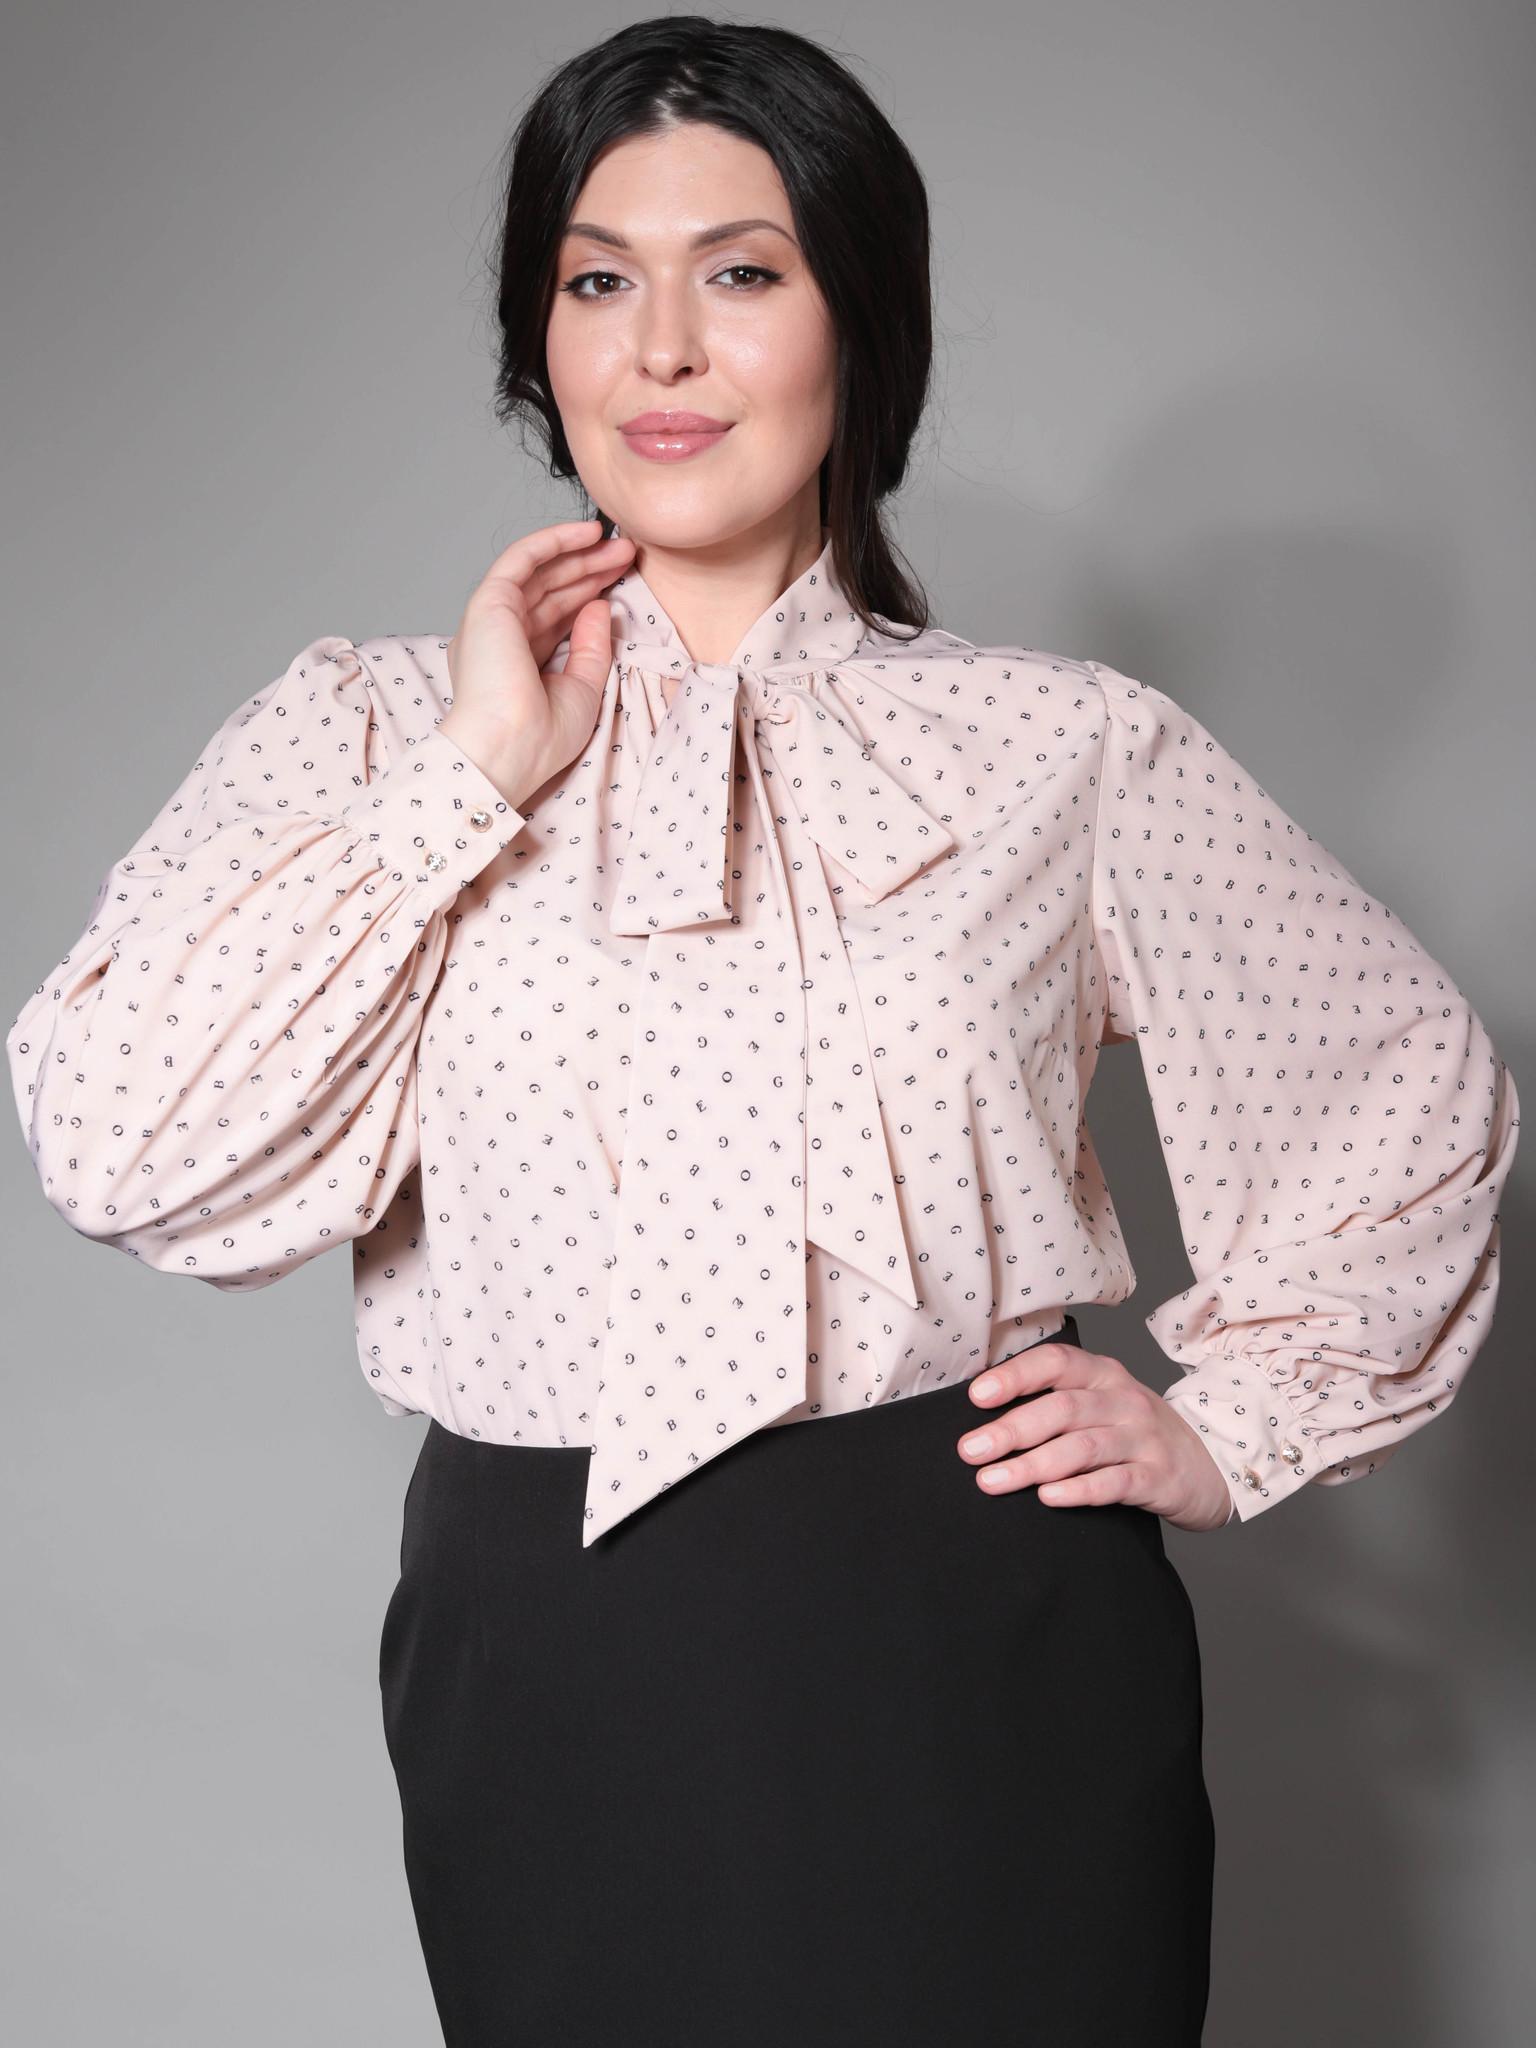 Блузка с воротником-бантом (бежевый с буквами)